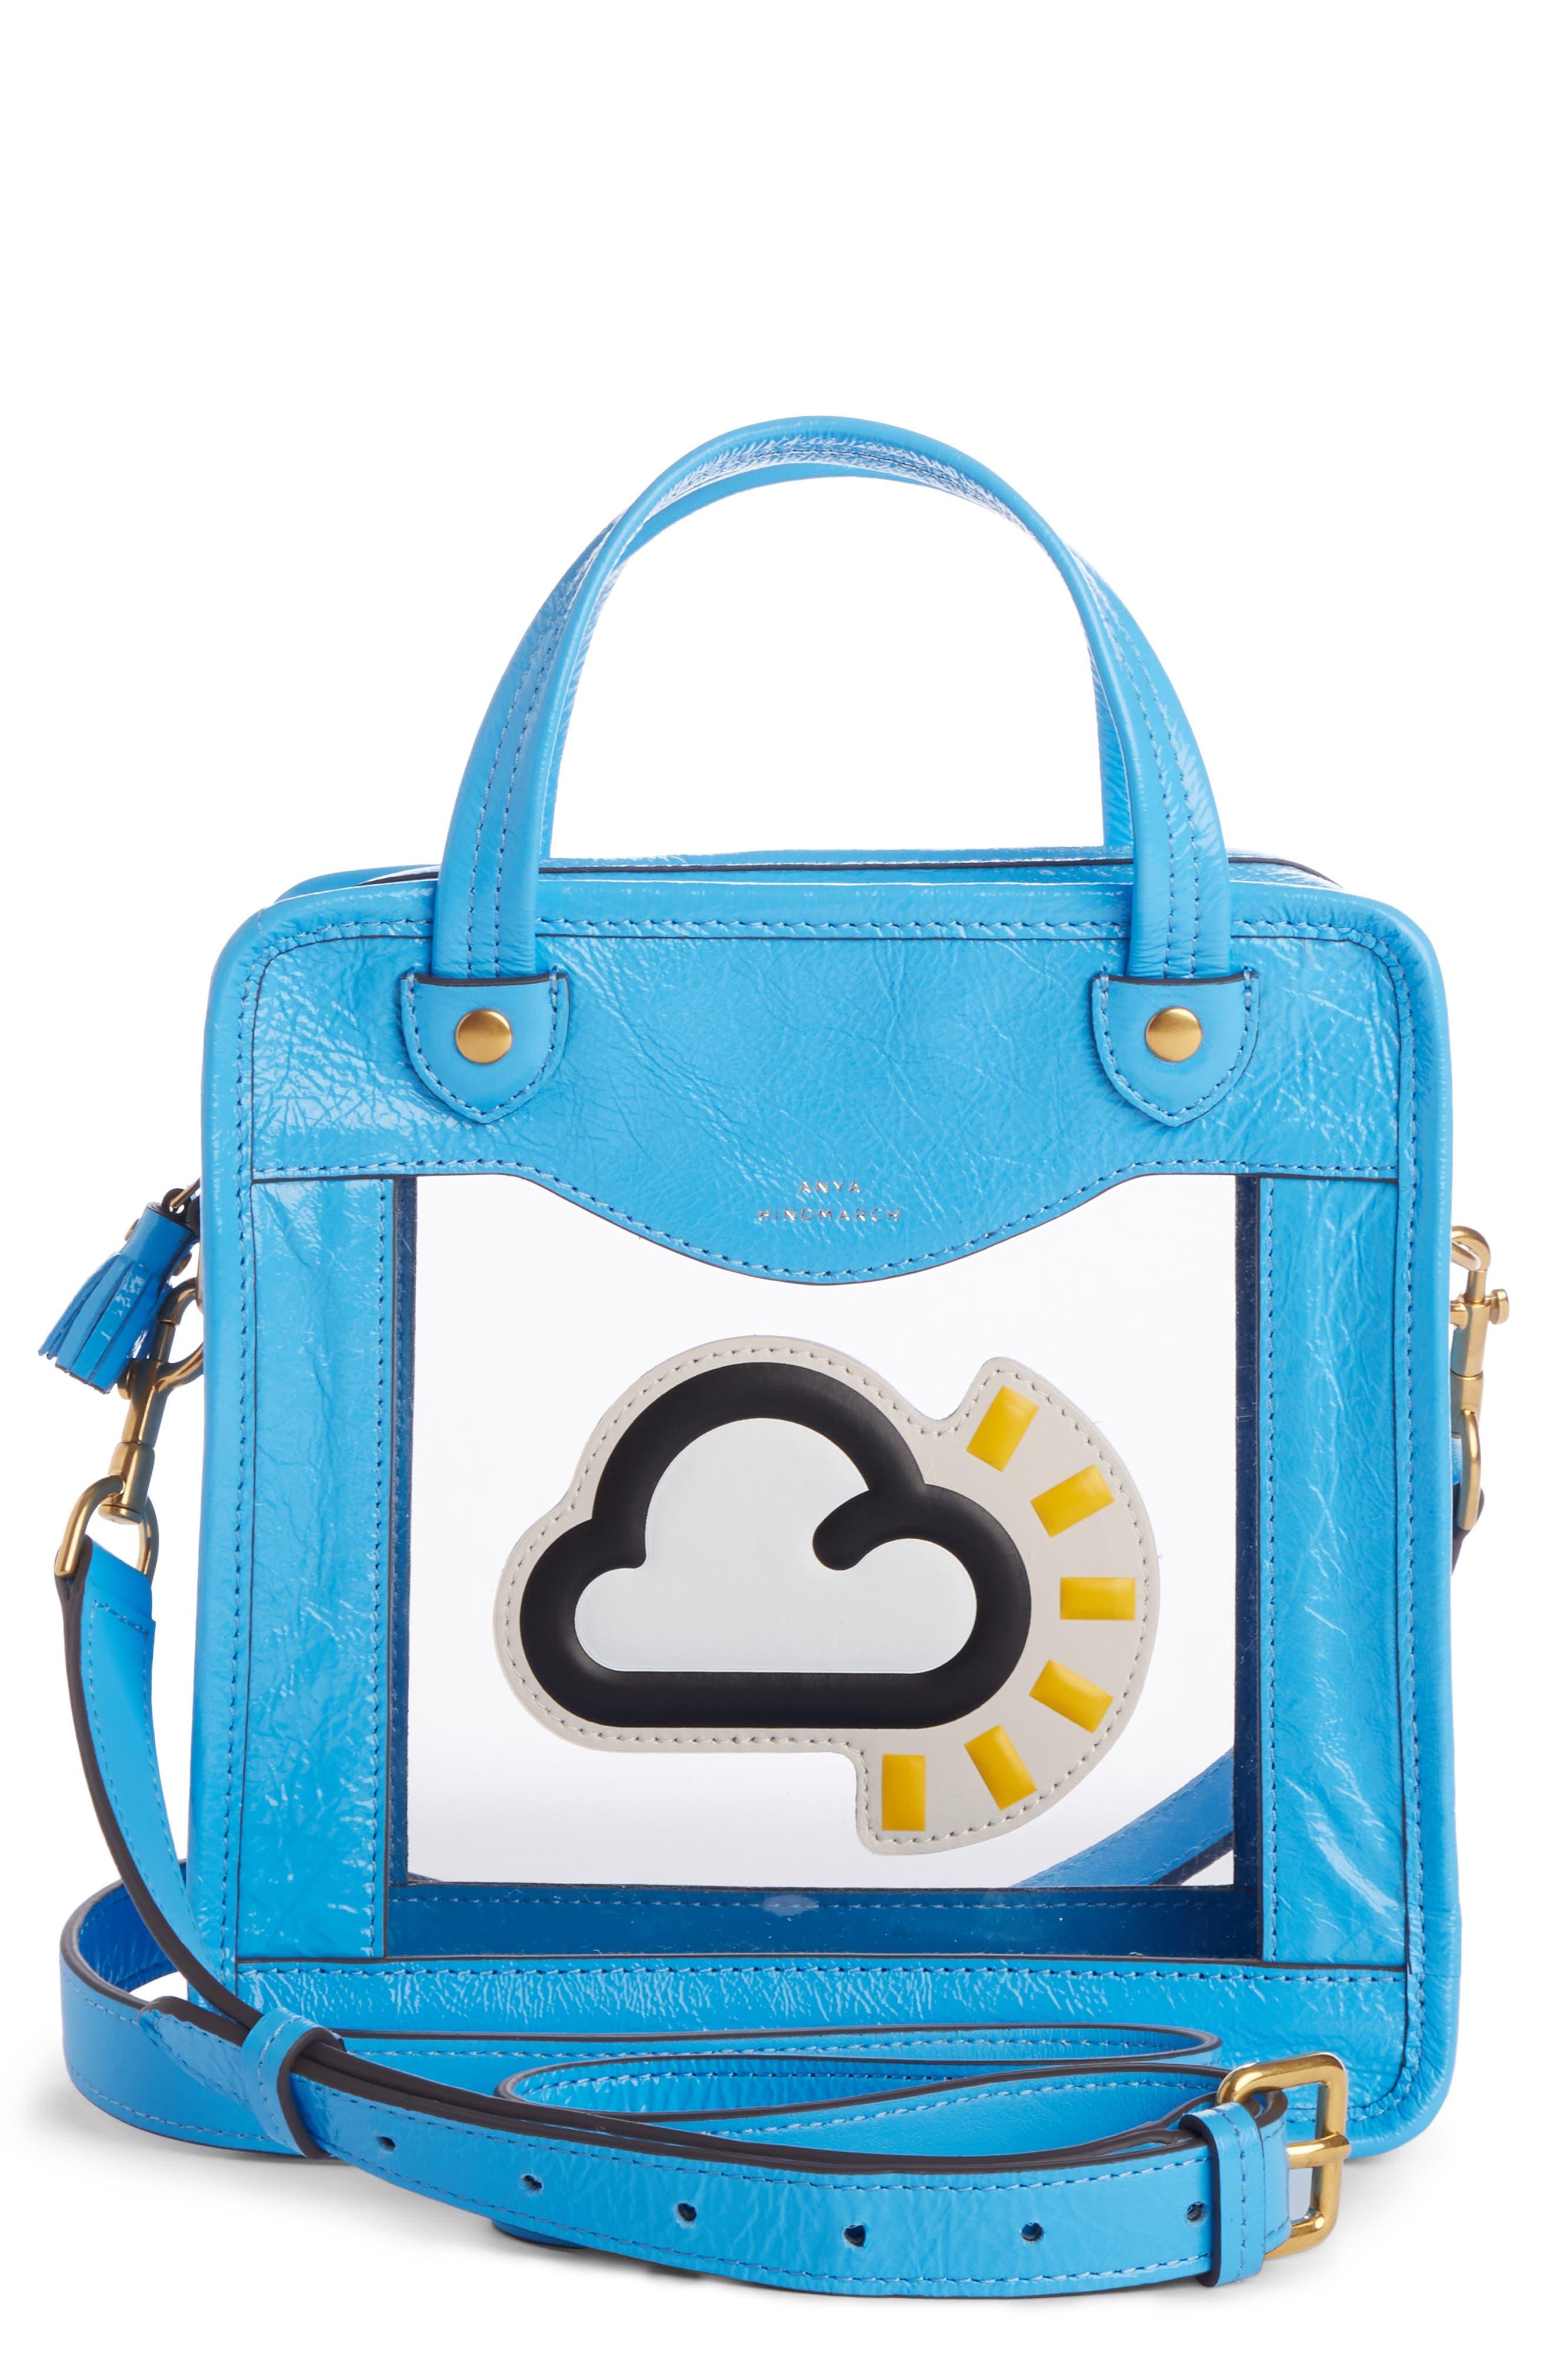 Rainy Day Crossbody Bag,                         Main,                         color, Blue Quilt